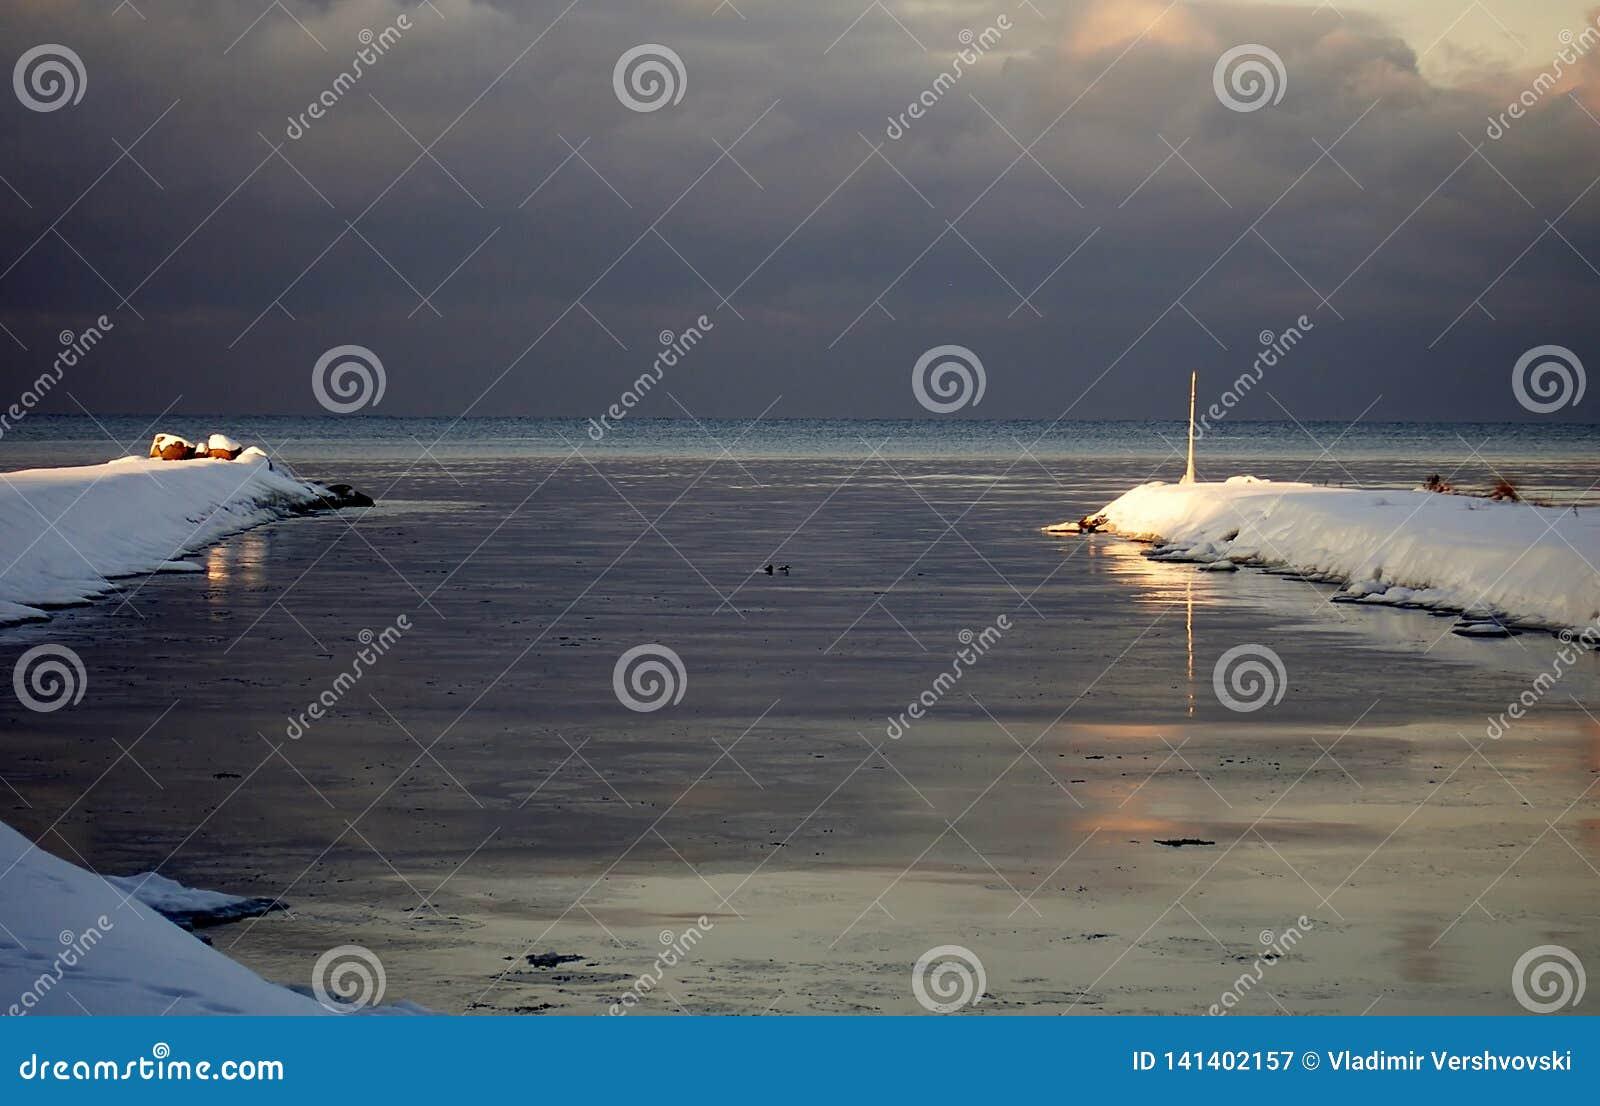 Les rayons du soleil illuminent la fin de l hiver marin de brise-lames